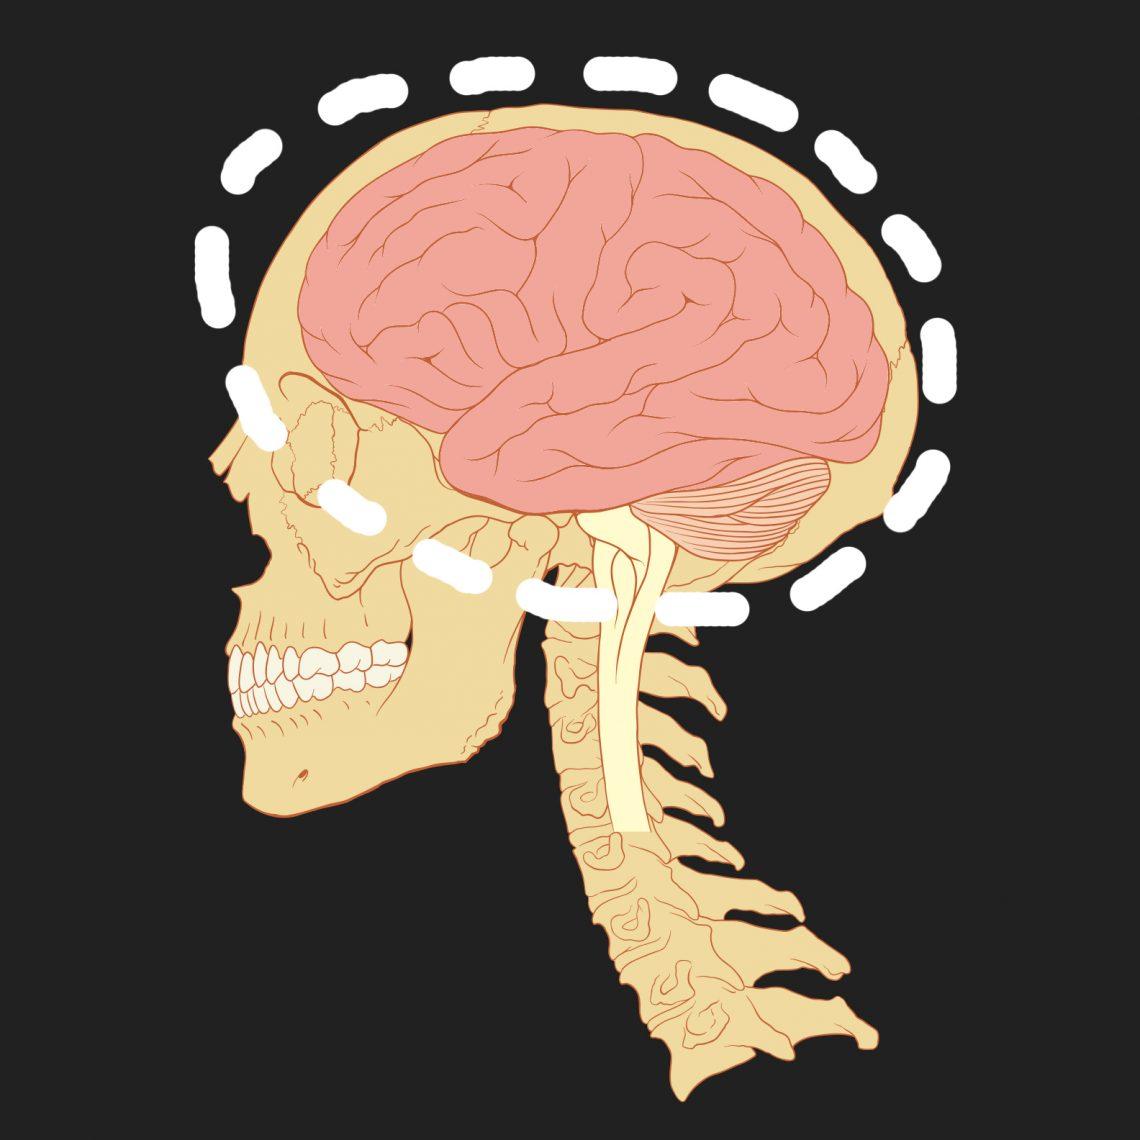 ВИДЕО: Татьяна Черниговская о том, чего мы не знаем о мозге